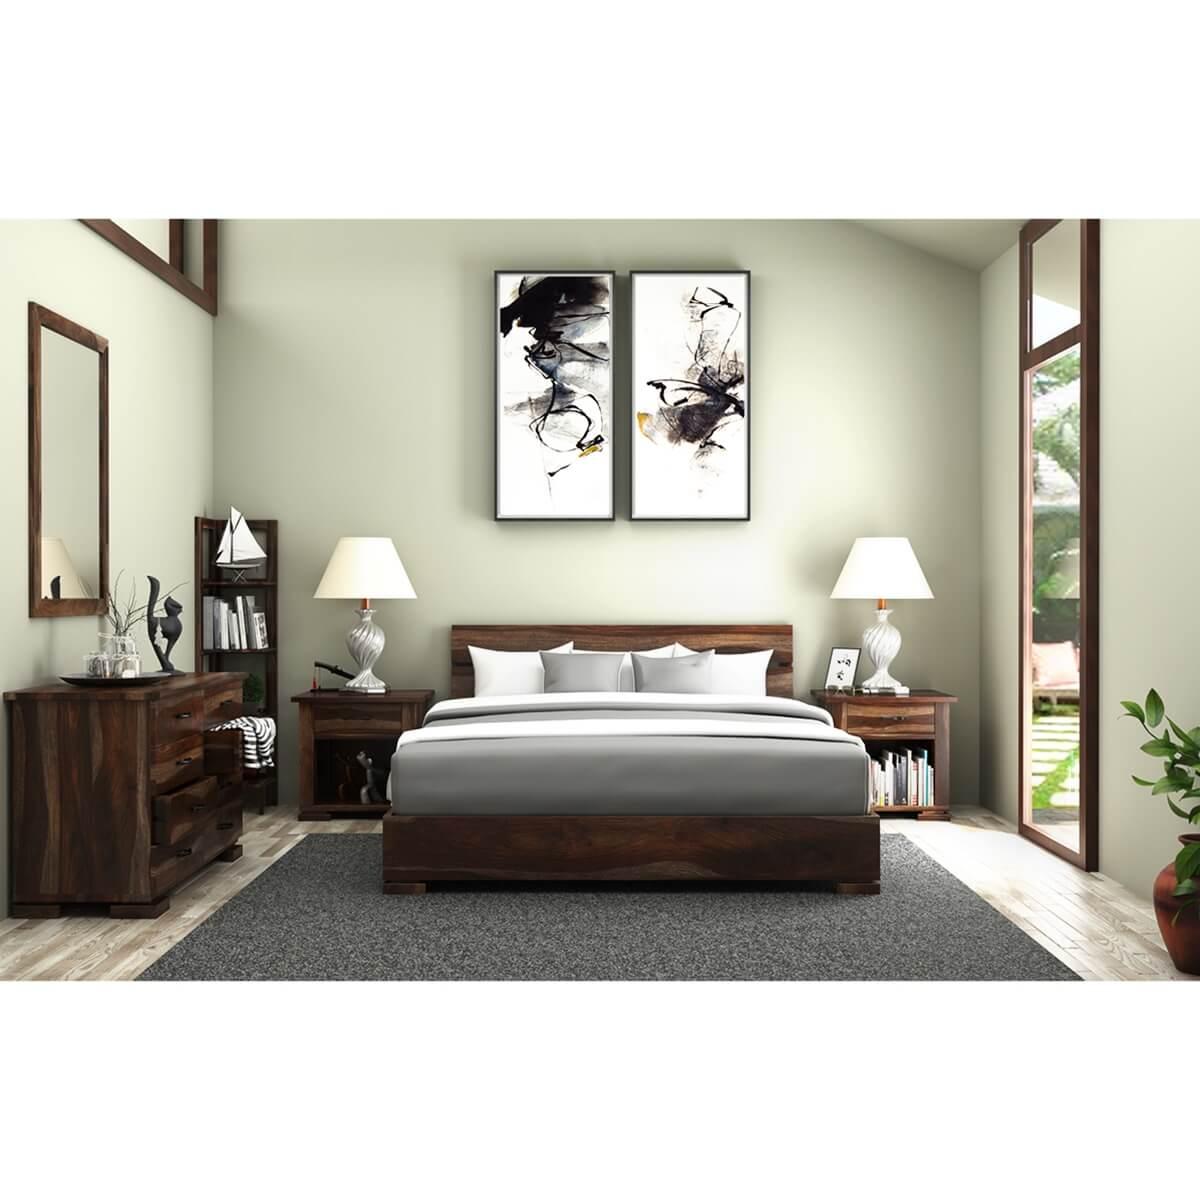 Athena full size platform bed 5 piece solid wood bedroom set for Bedroom 5 piece sets